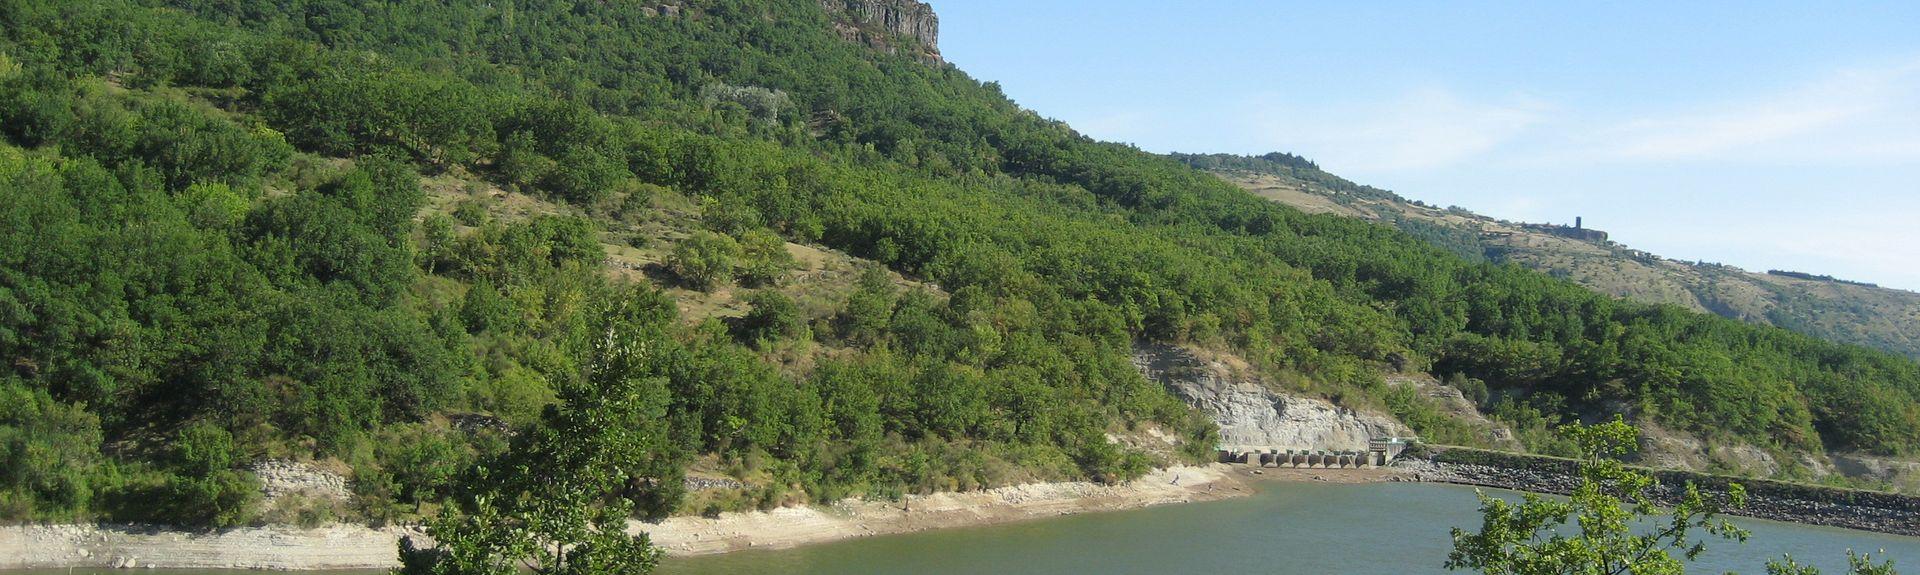 Saint-Laurent-sous-Coiron, Auvergne-Rhône-Alpes, Frankreich